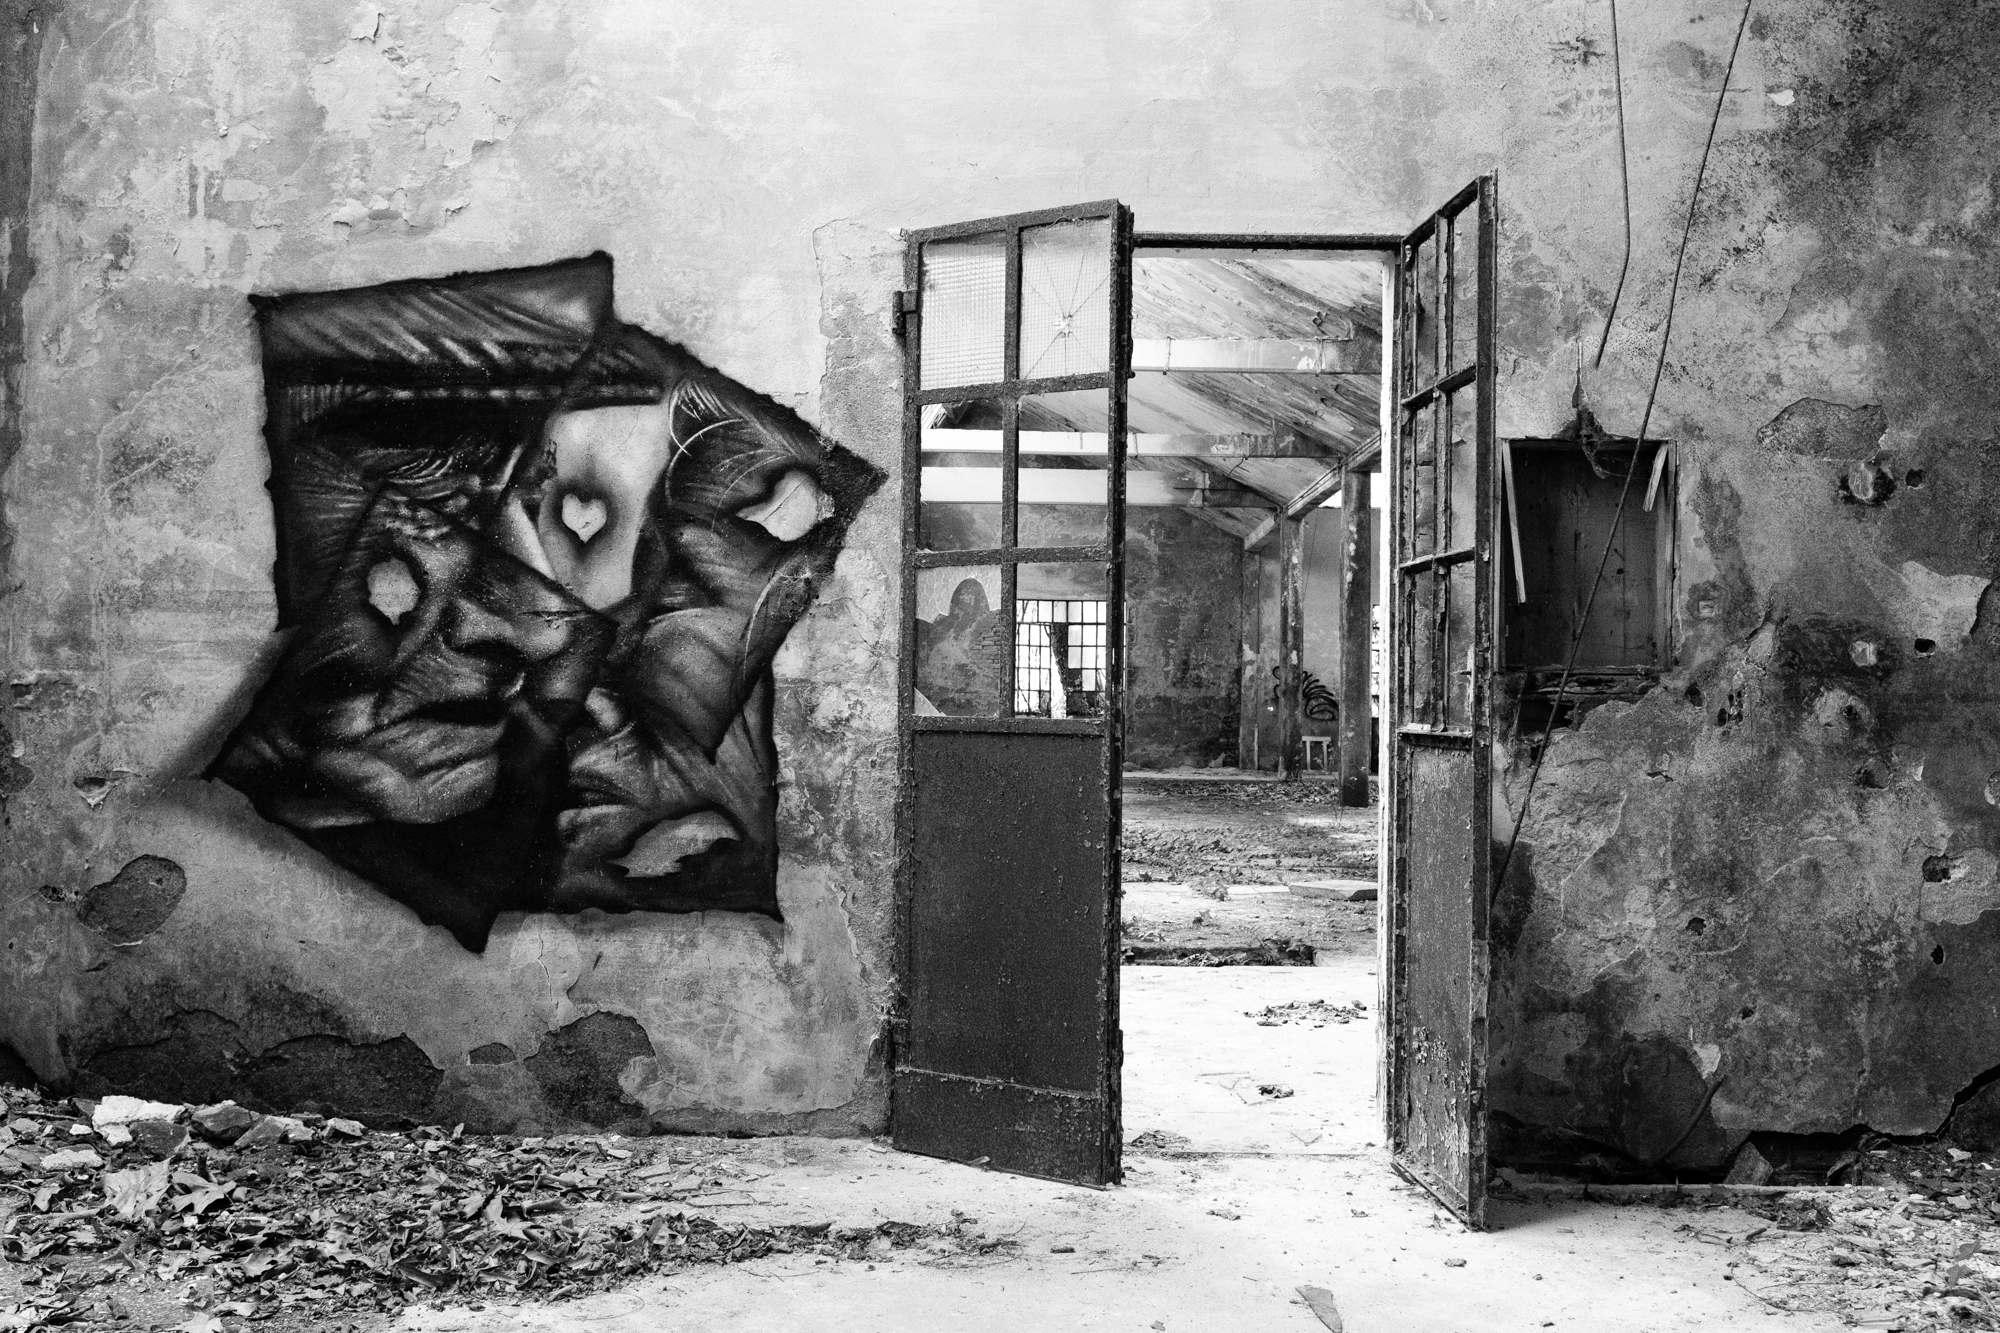 Graffiti of faces near a door